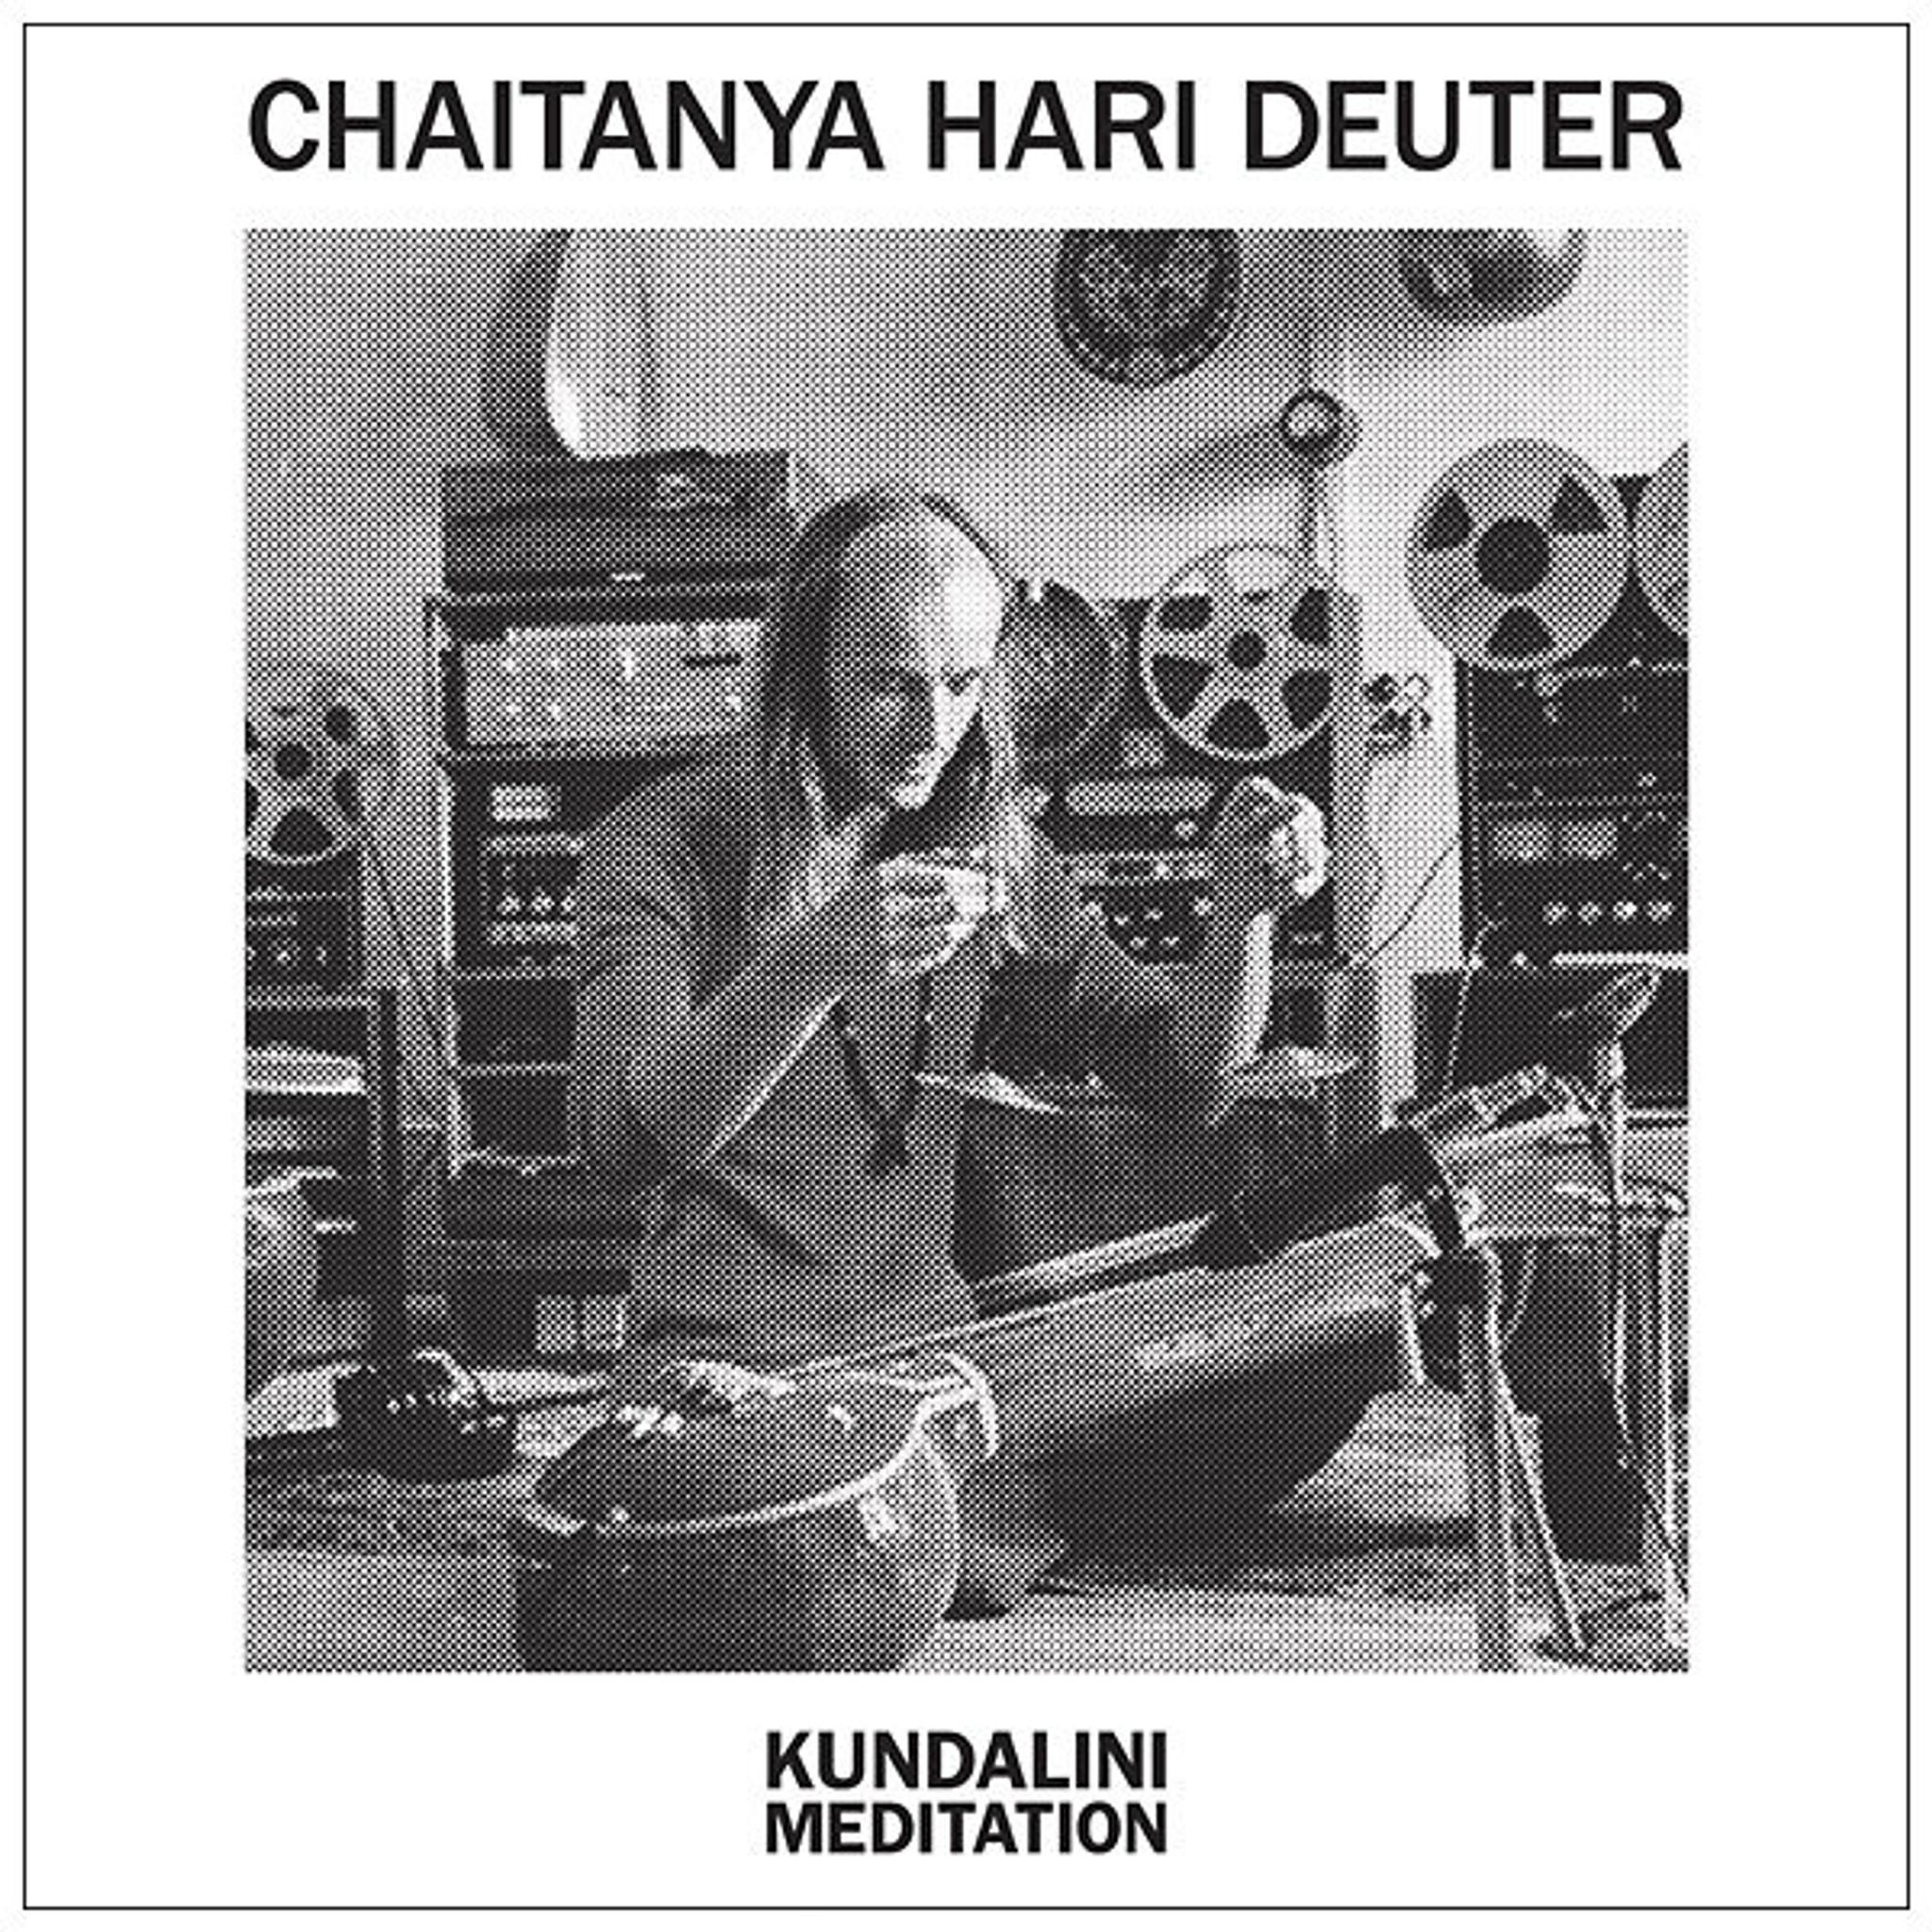 CHAITANYA HARI DEUTER/BHAGWAN SHREE RAJNEESH: Kundalini